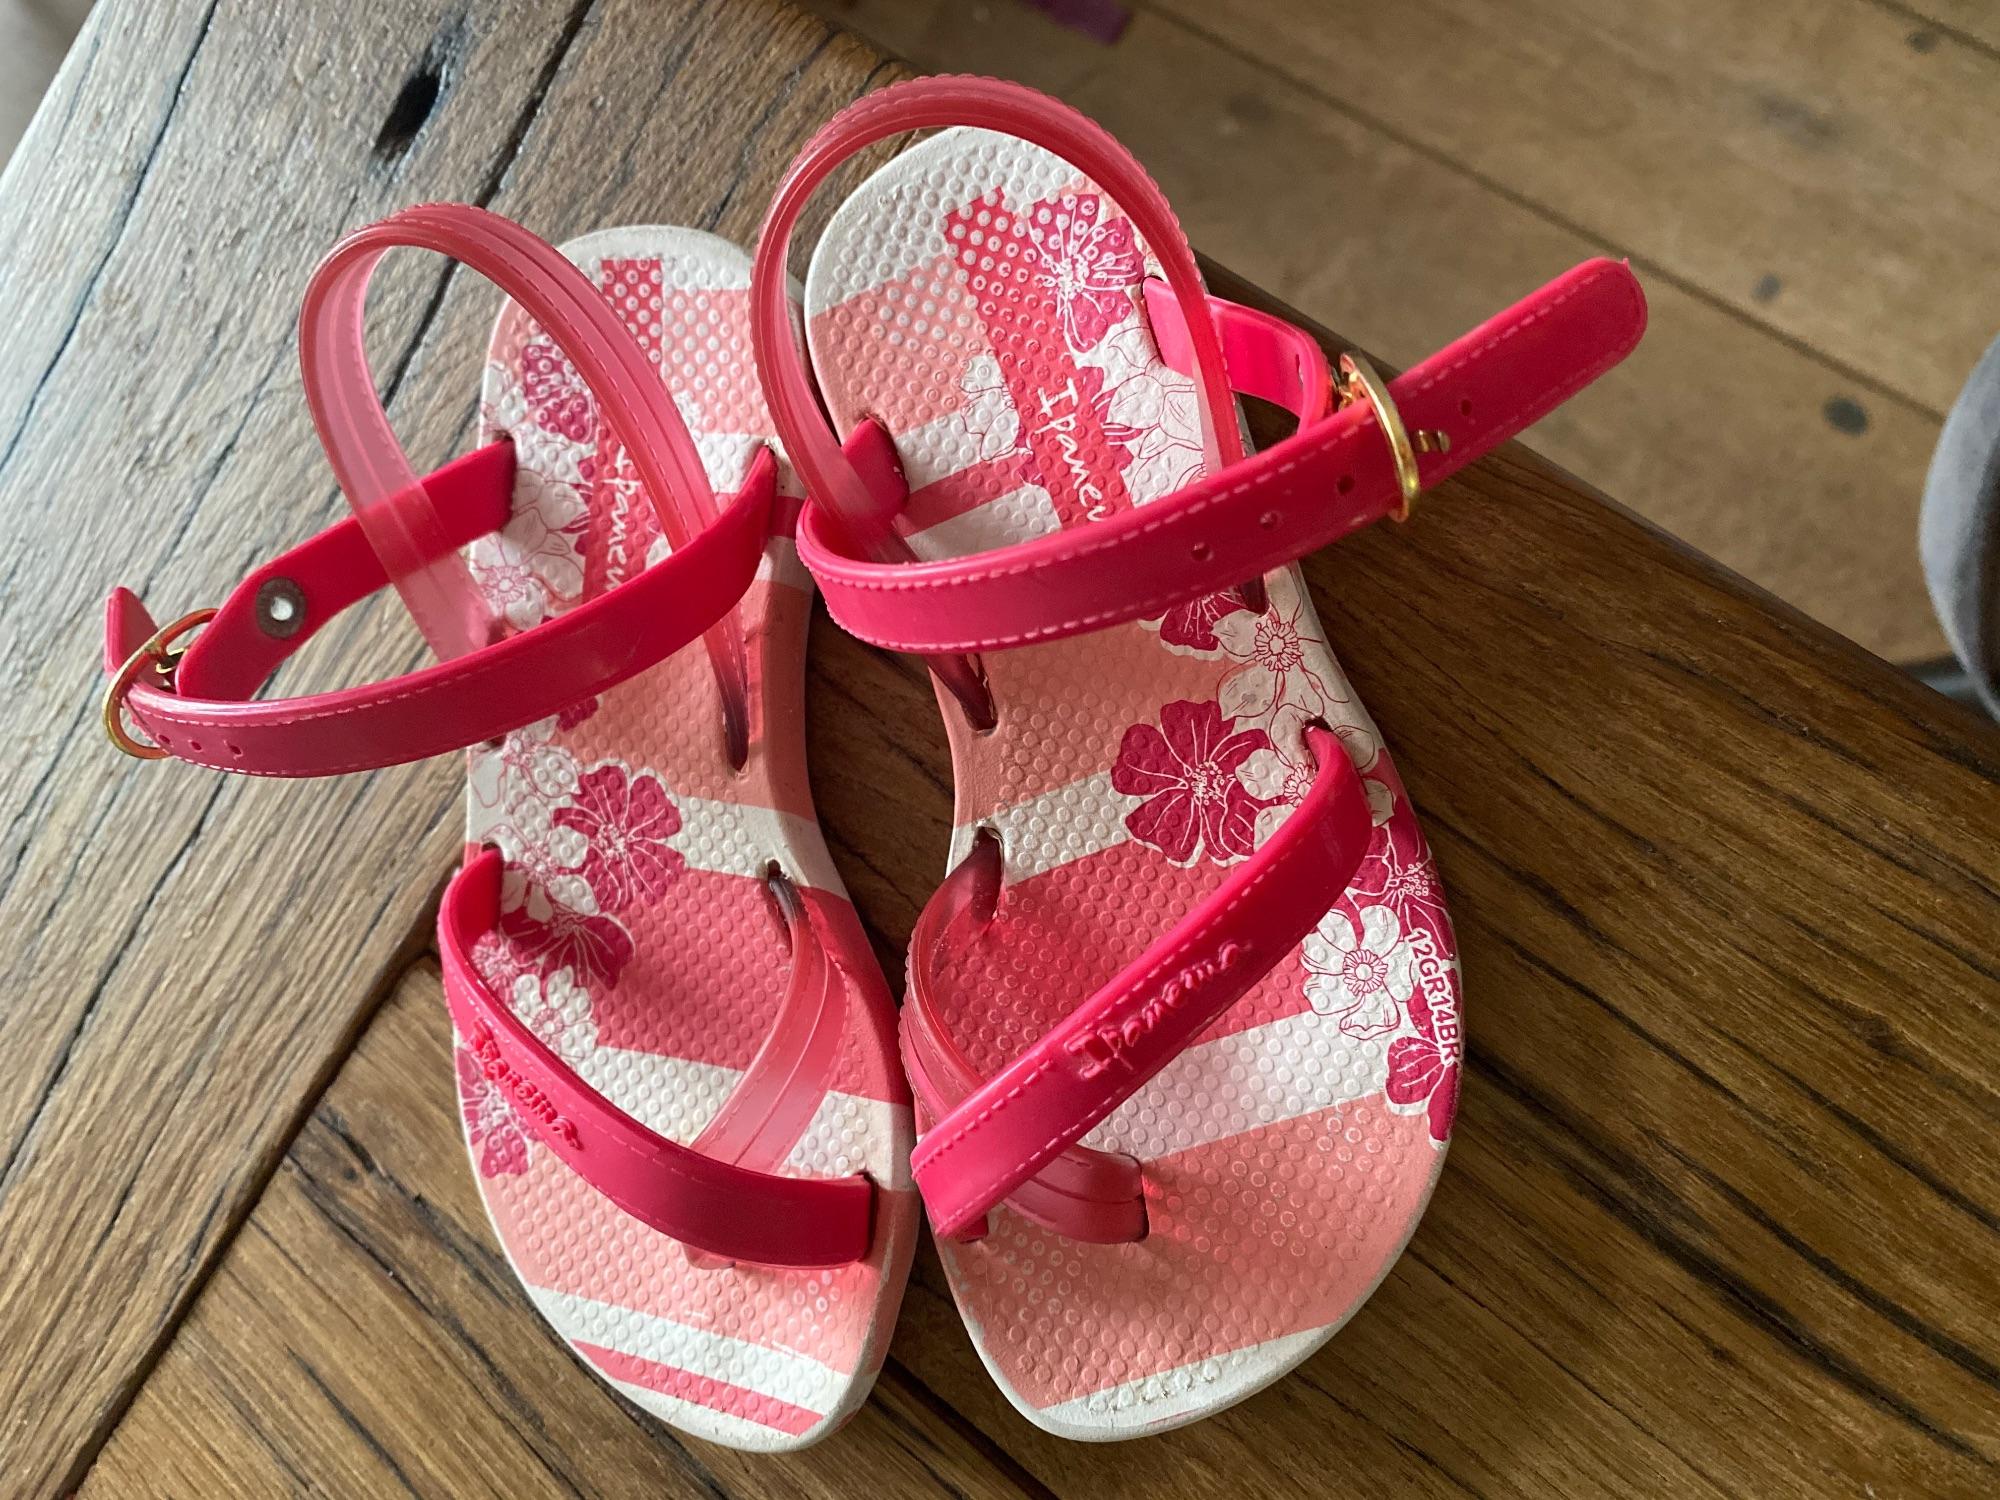 Ipanama slippers